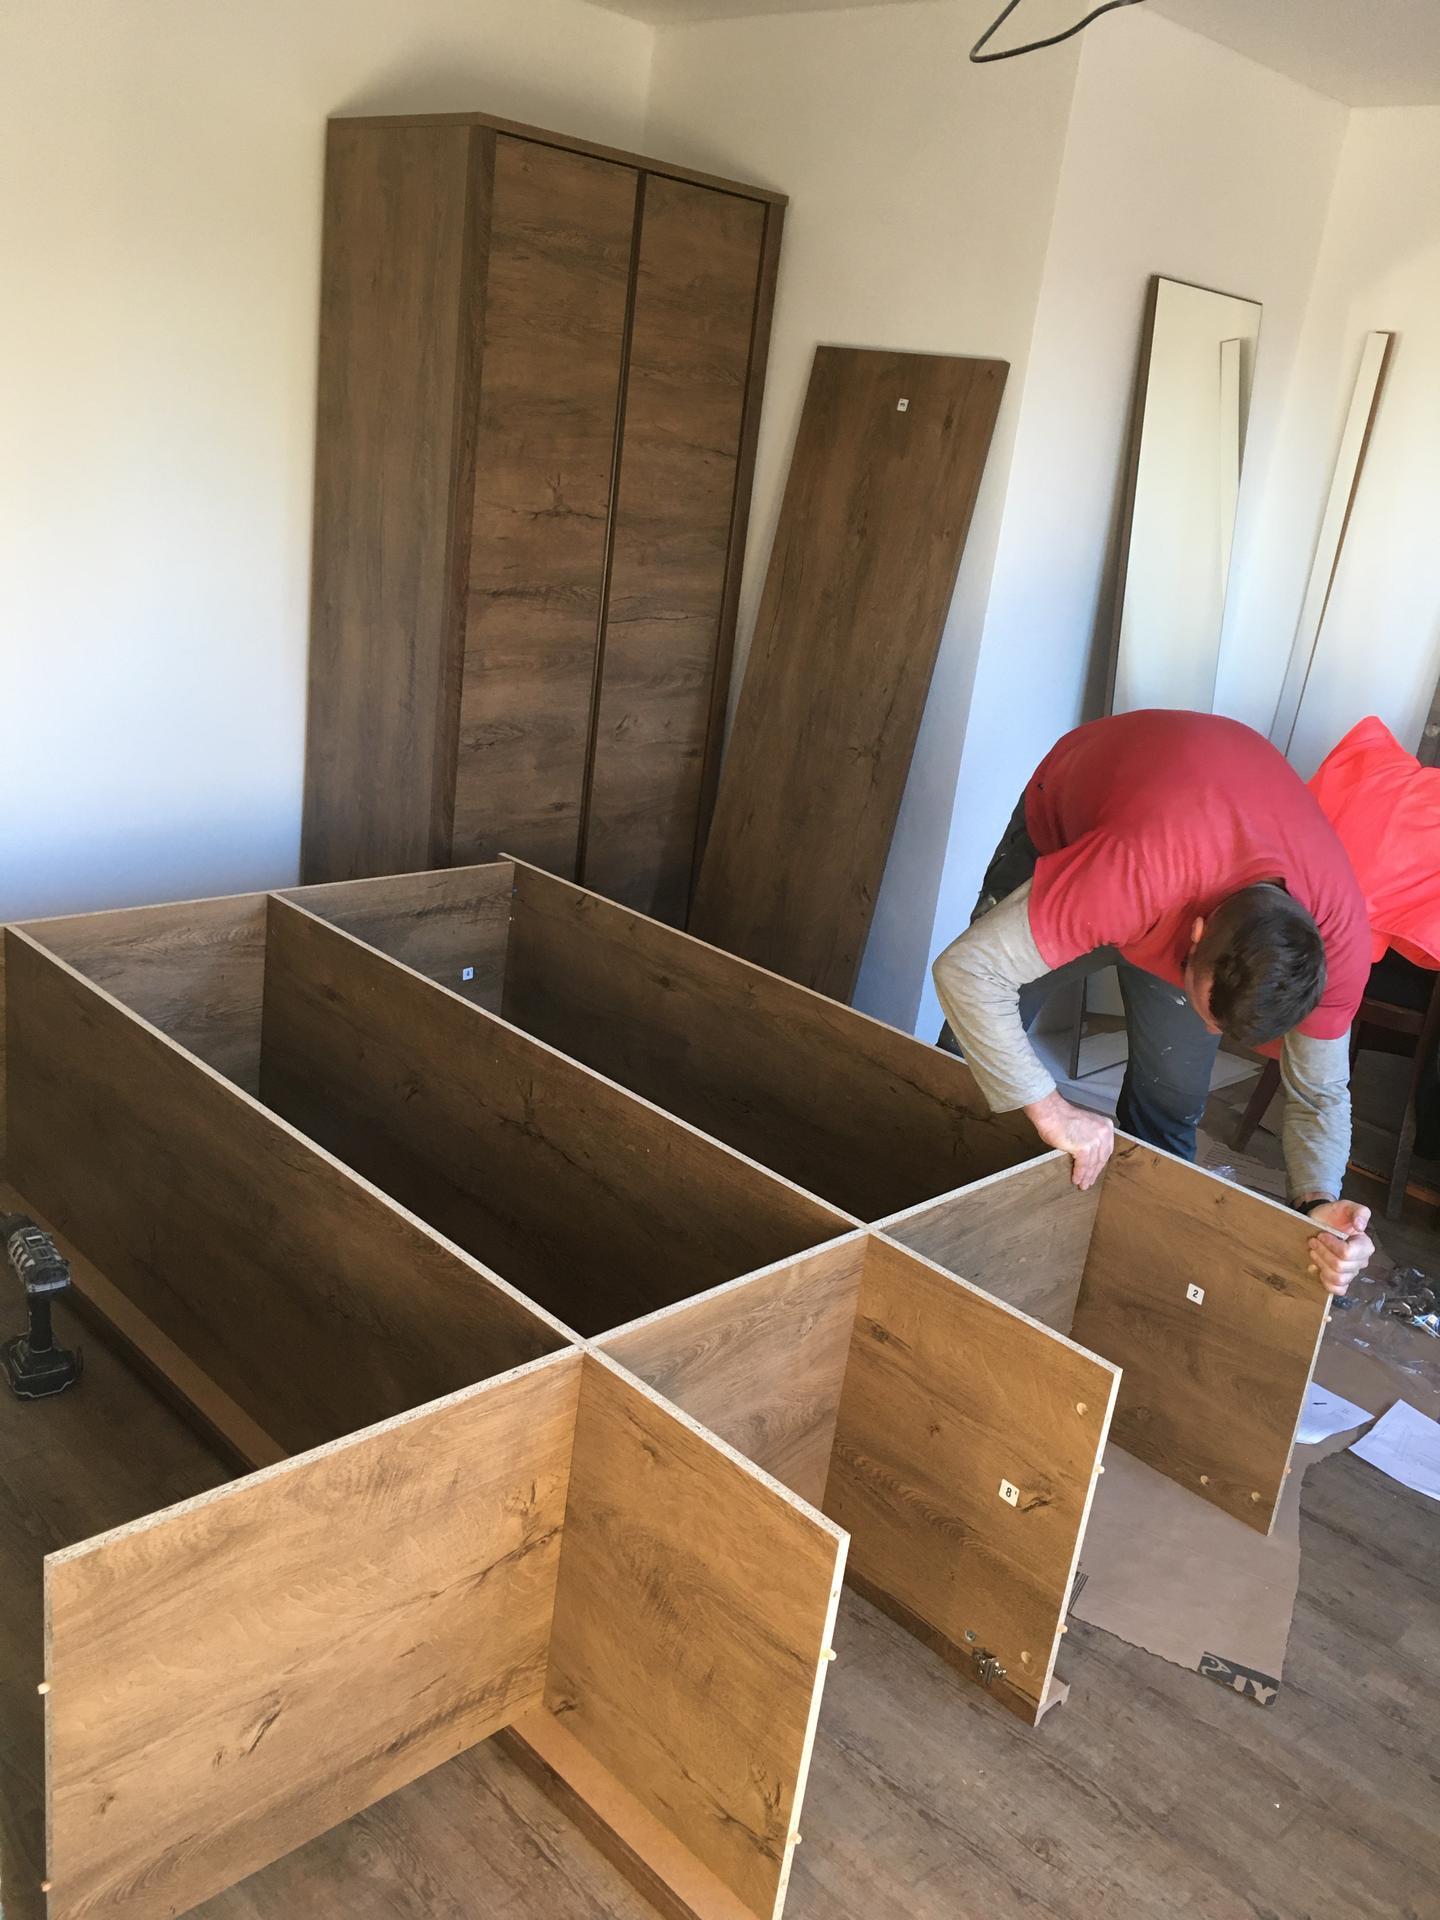 Rekonstrukce 🏡 20/21 - Montáž prvního nábytku (šatní skříně)